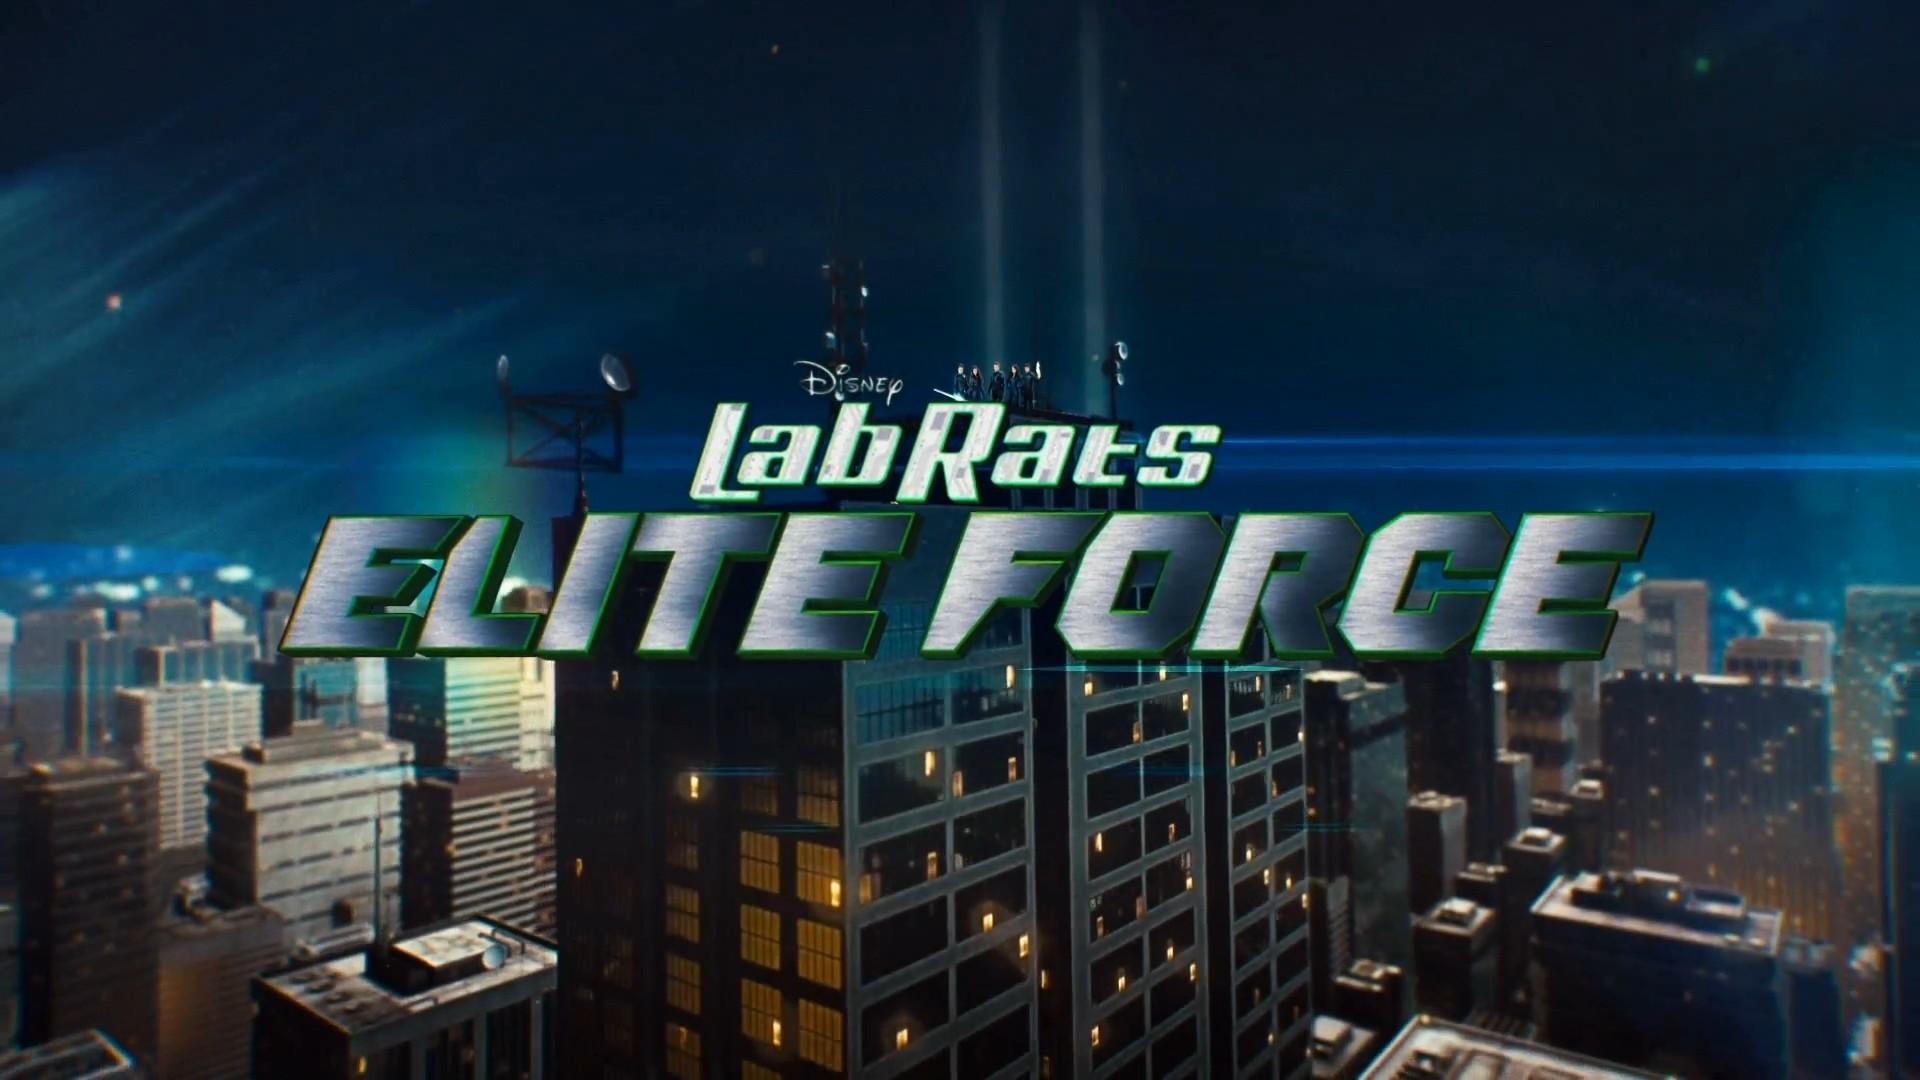 Lab Rats: Elite Force backdrop / wallpaper 5